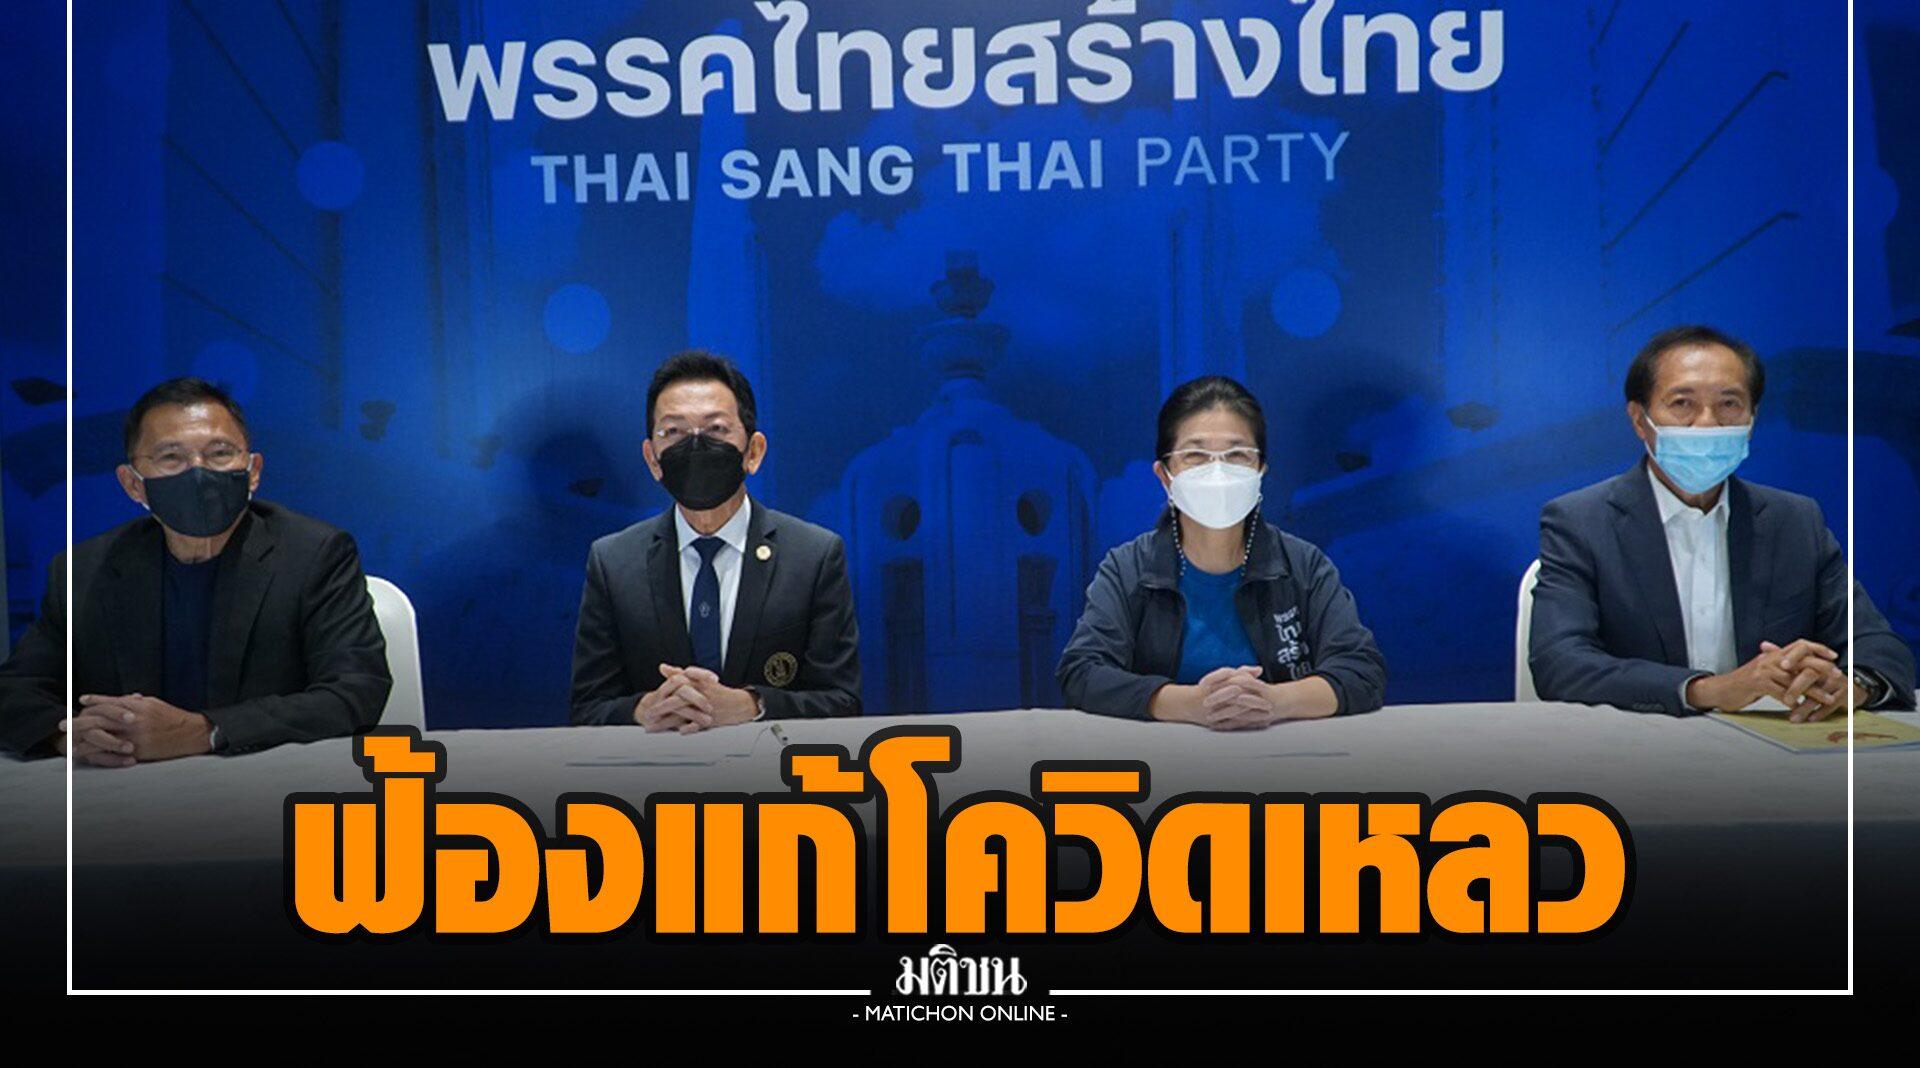 ไทยสร้างไทย จับมือ สมาคมทนายความฯ ยกรธน. กม.อาญา ม.157 ฟ้อง 'บิ๊กตู่-สธ.' แก้โควิดเหลว